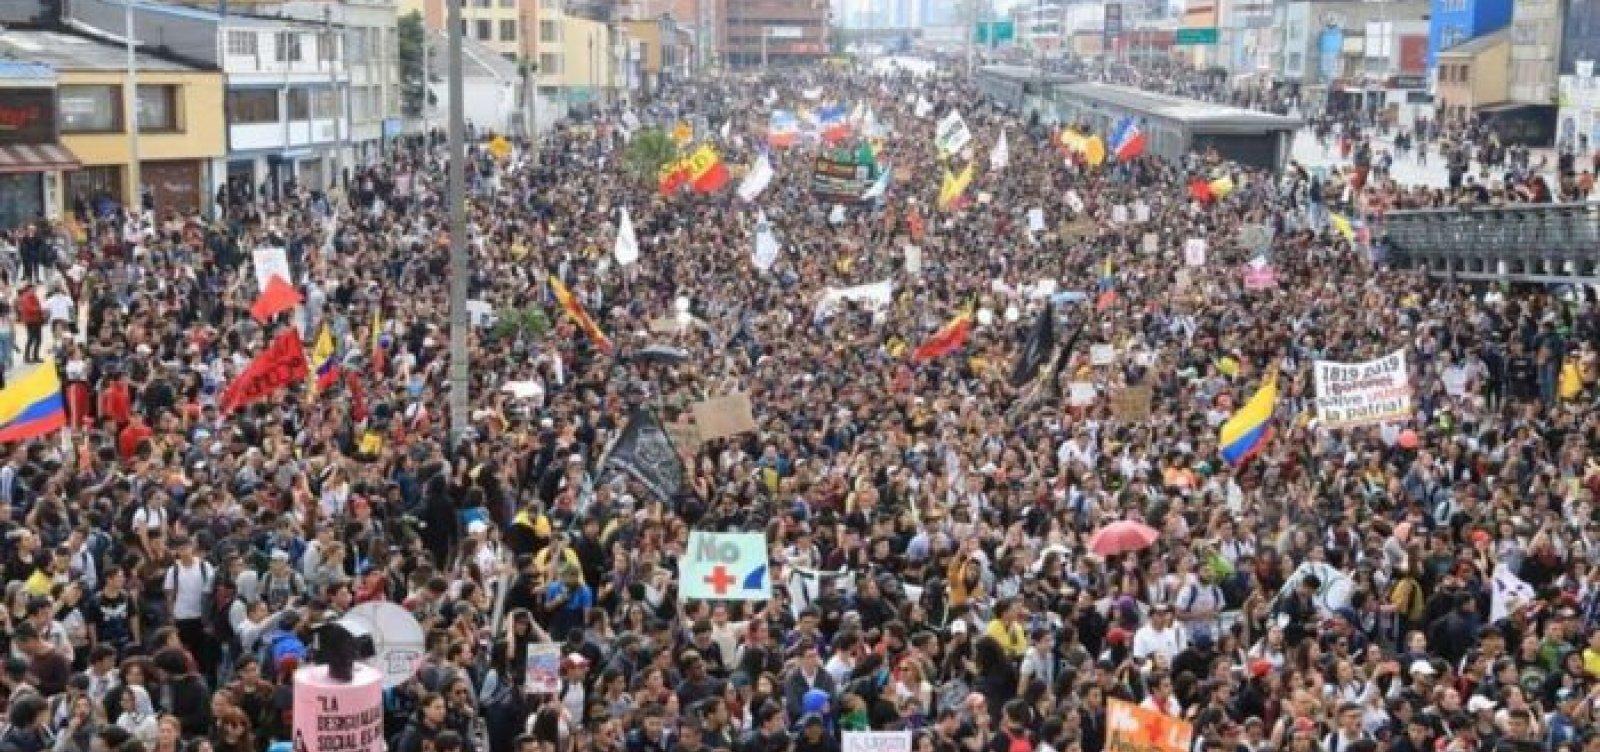 [Milhares de colombianos vão às ruas contra políticas de Duque]